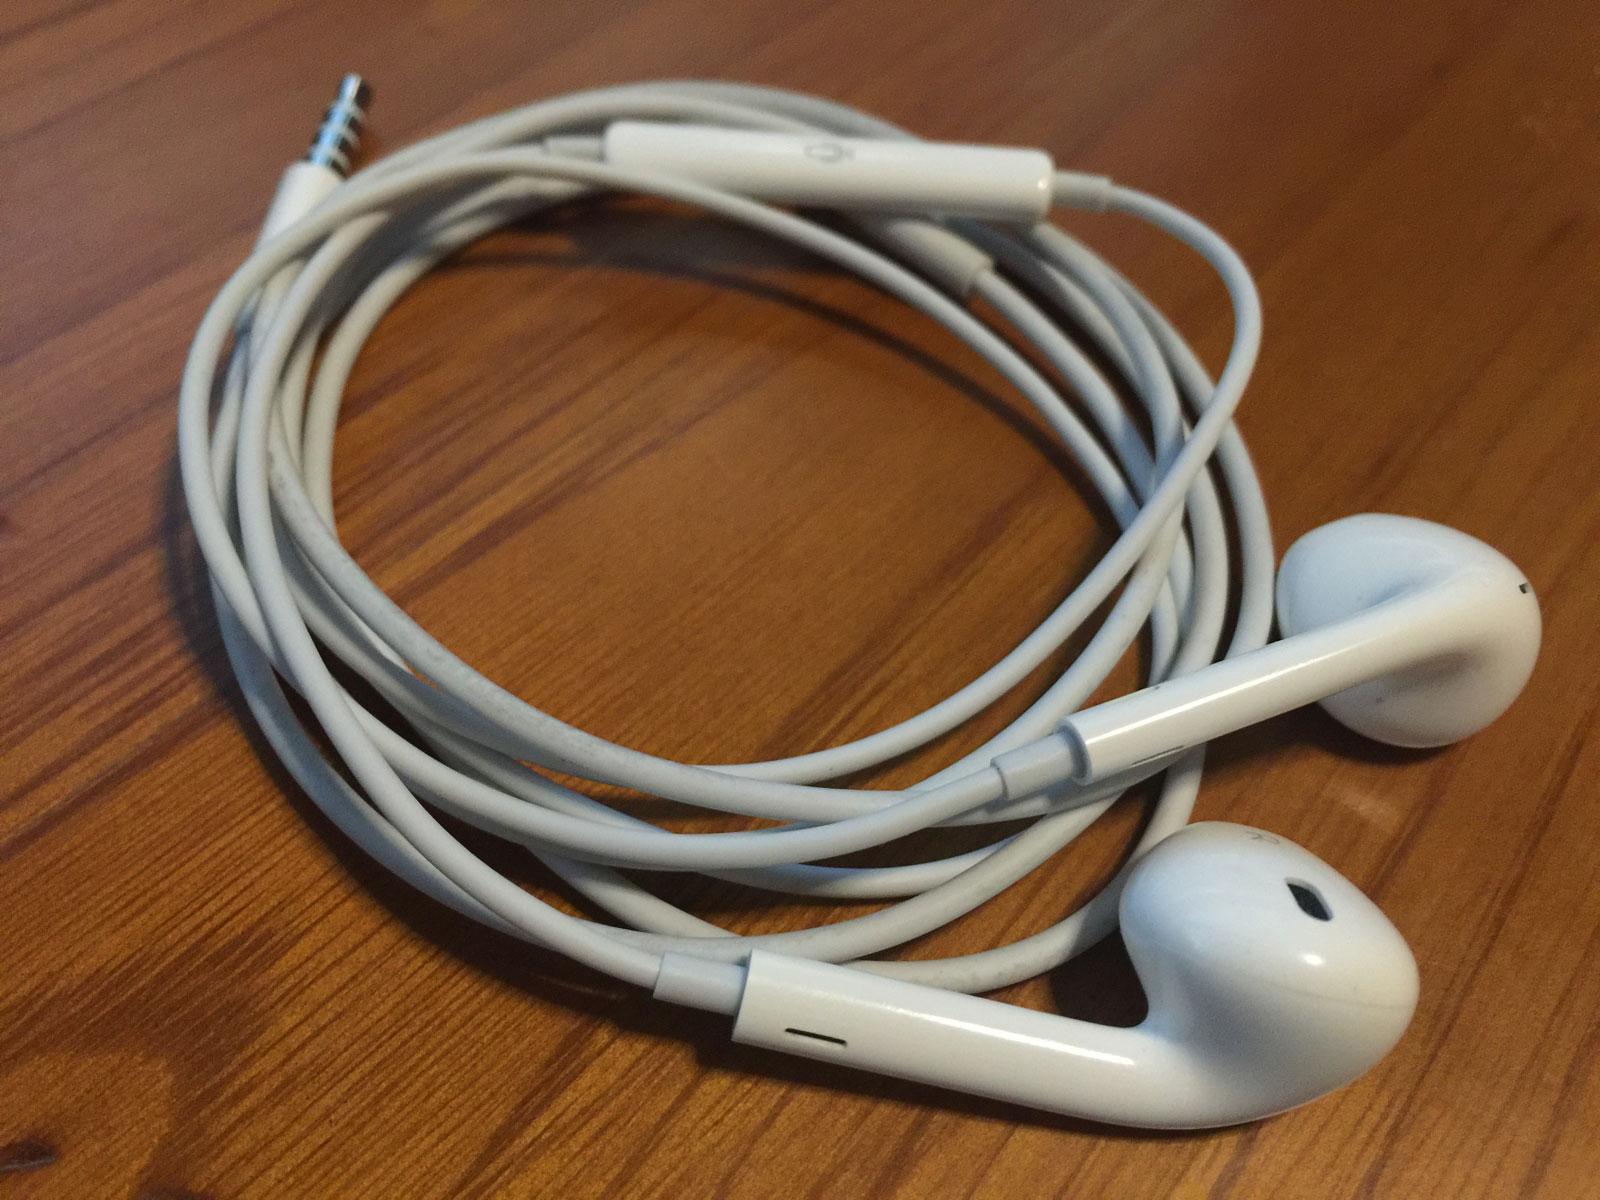 37d753ecb77 Apple registra la marca AirPods sugiriendo unos futuros auriculares ...